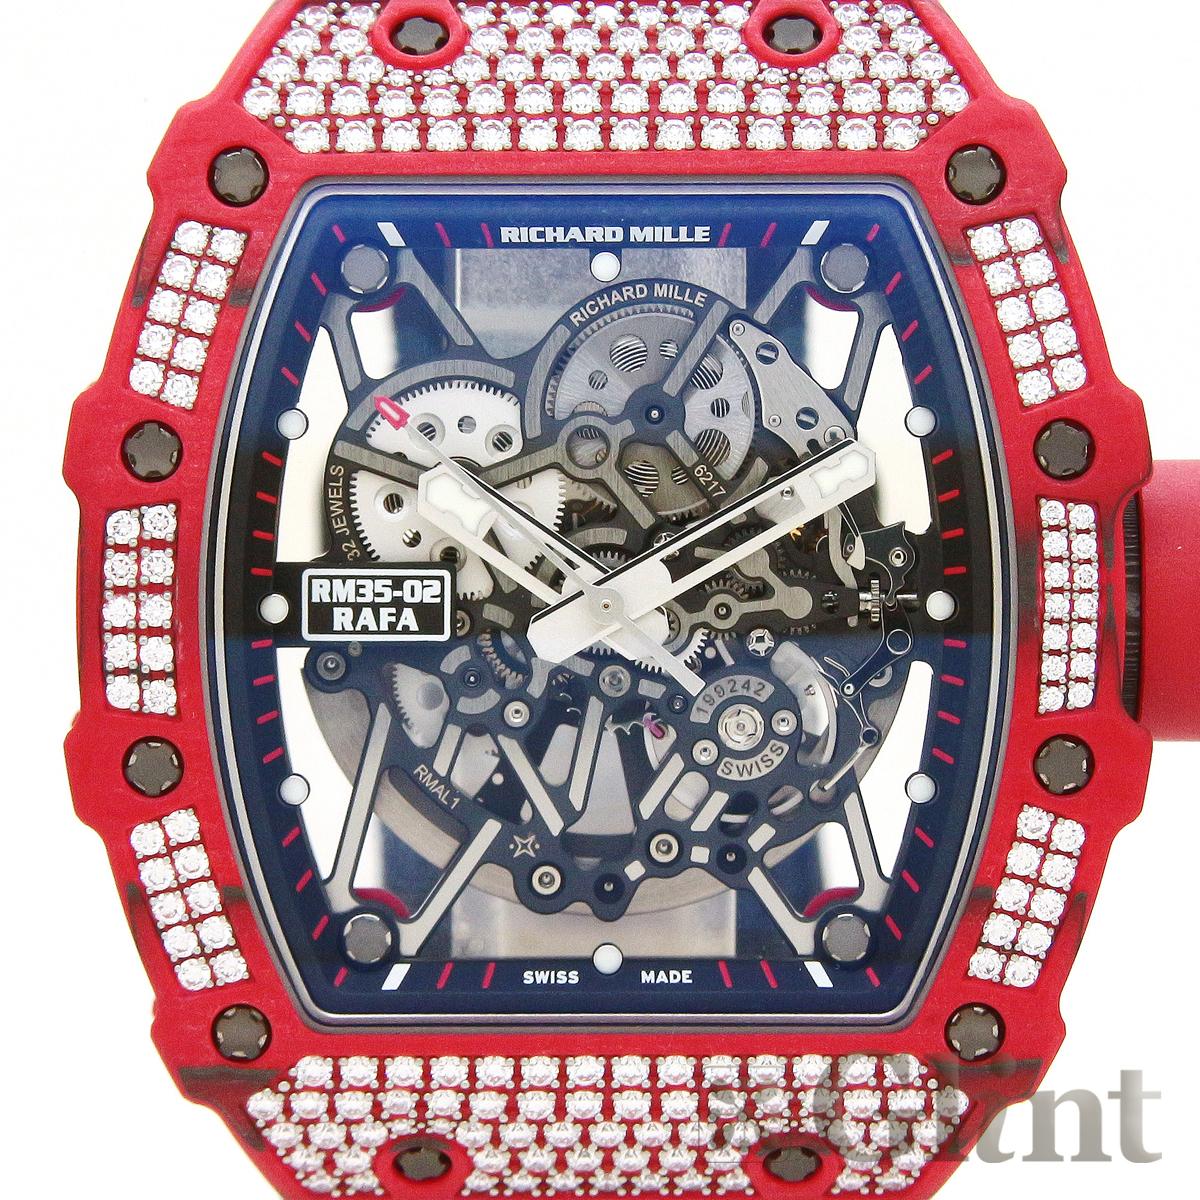 official photos 7cbec 6dd50 リシャールミル【RICHARD MILLE】RM35-02 FQ RAFA ラファエル・ナダル  パヴェダイヤモンド〔新品〕〔腕時計〕〔メンズ〕〔純正ダイヤモンド〕|グリント